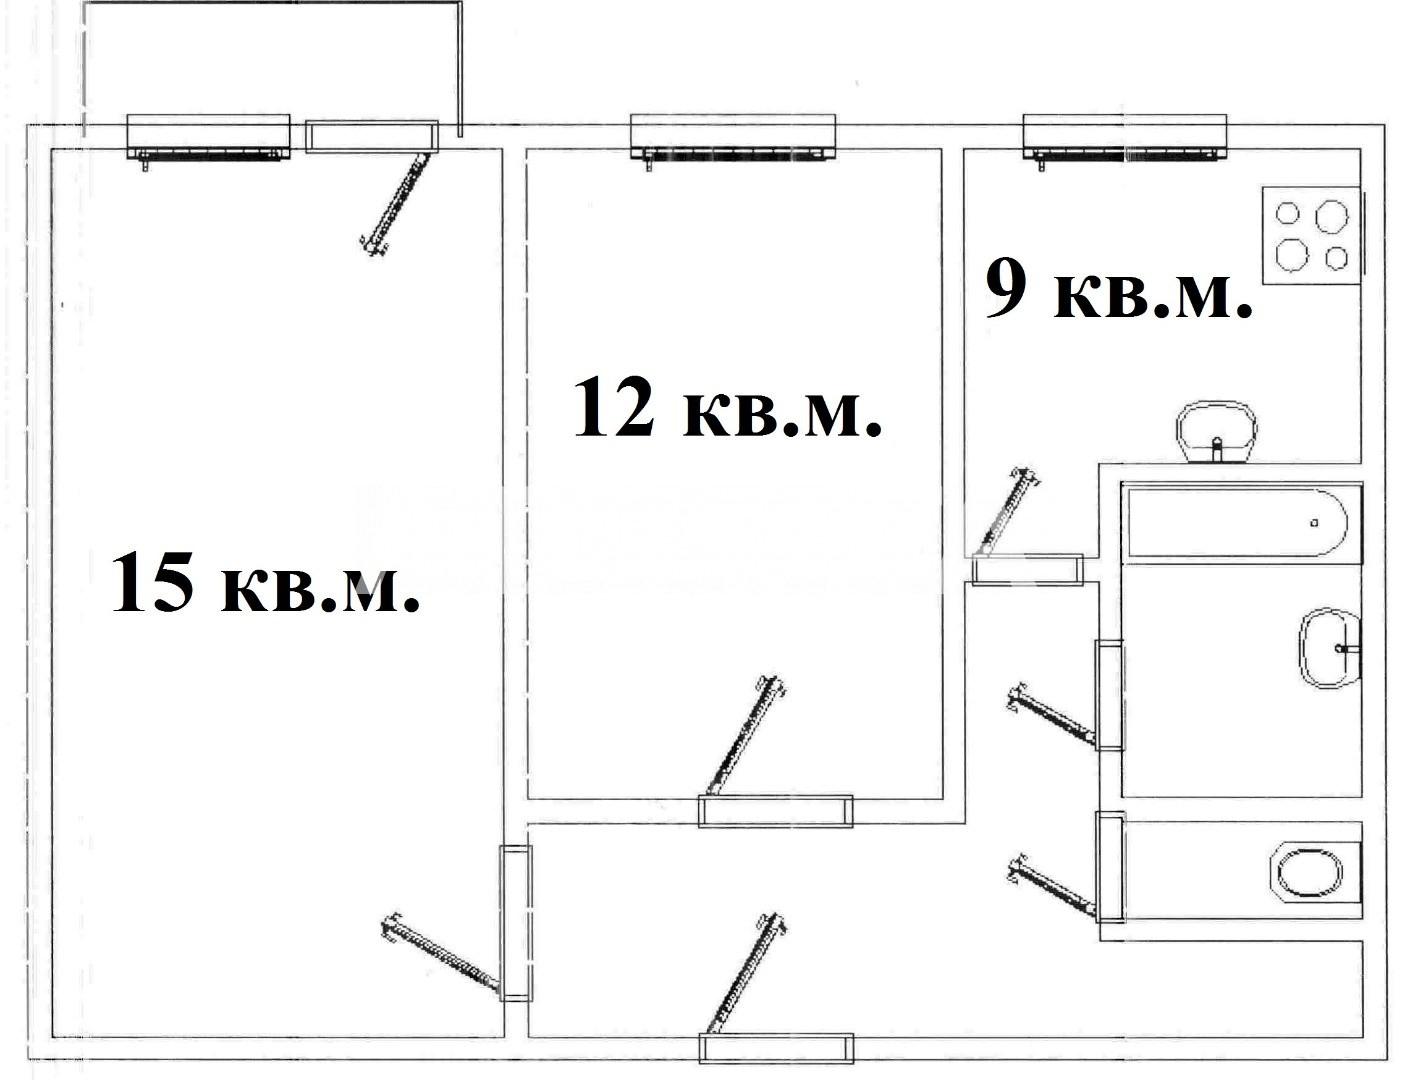 Продается 2-комнатная Квартира на ул. Грушевского Михаила (Братьев Ачкановых) — 34 000 у.е. (фото №2)